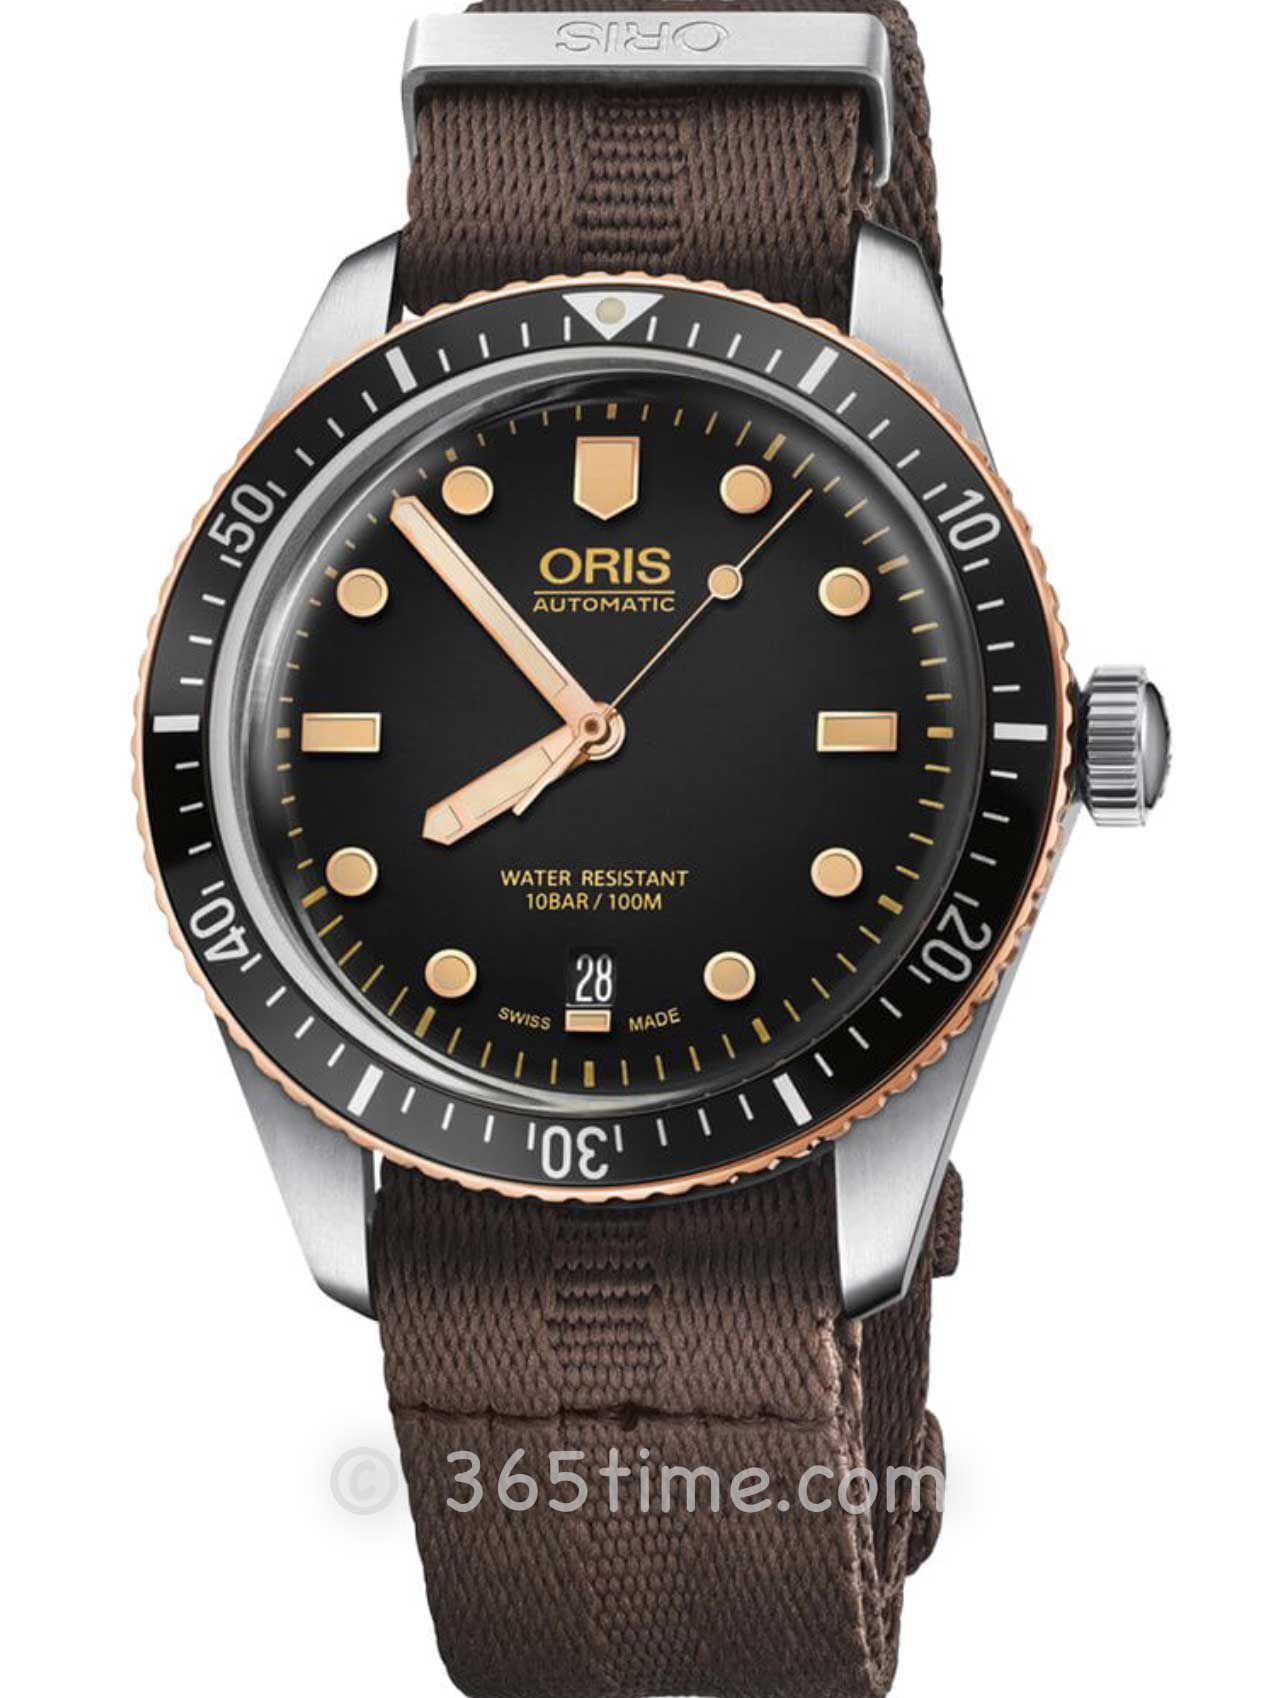 Oris豪利时潜水系列65年复刻版潜水腕表01 733 7707 4354-07 5 20 30